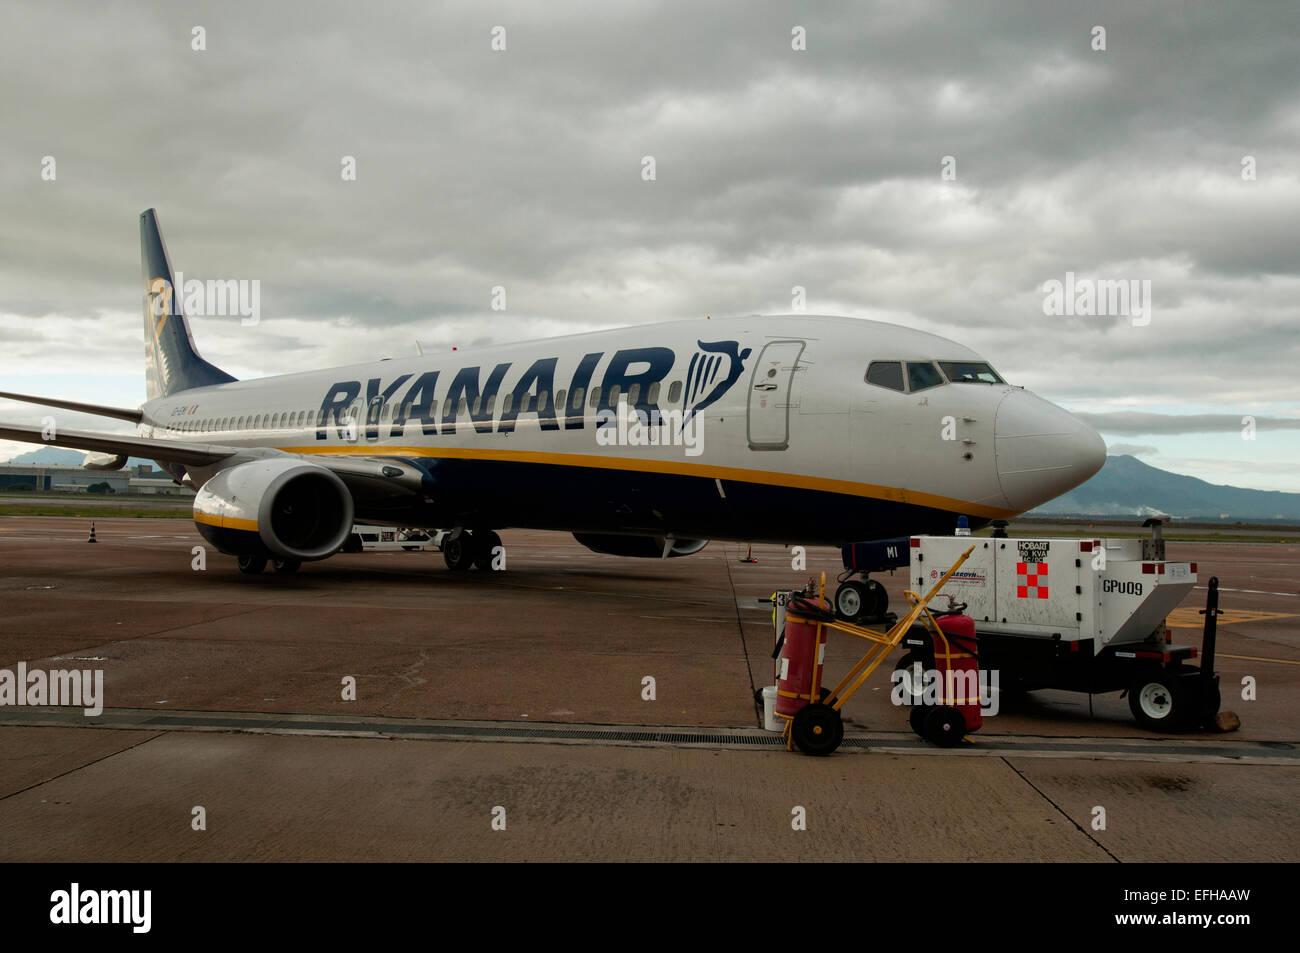 A Ryanair B20 20 at gate, Calgliari Airport Stock Photo   Alamy